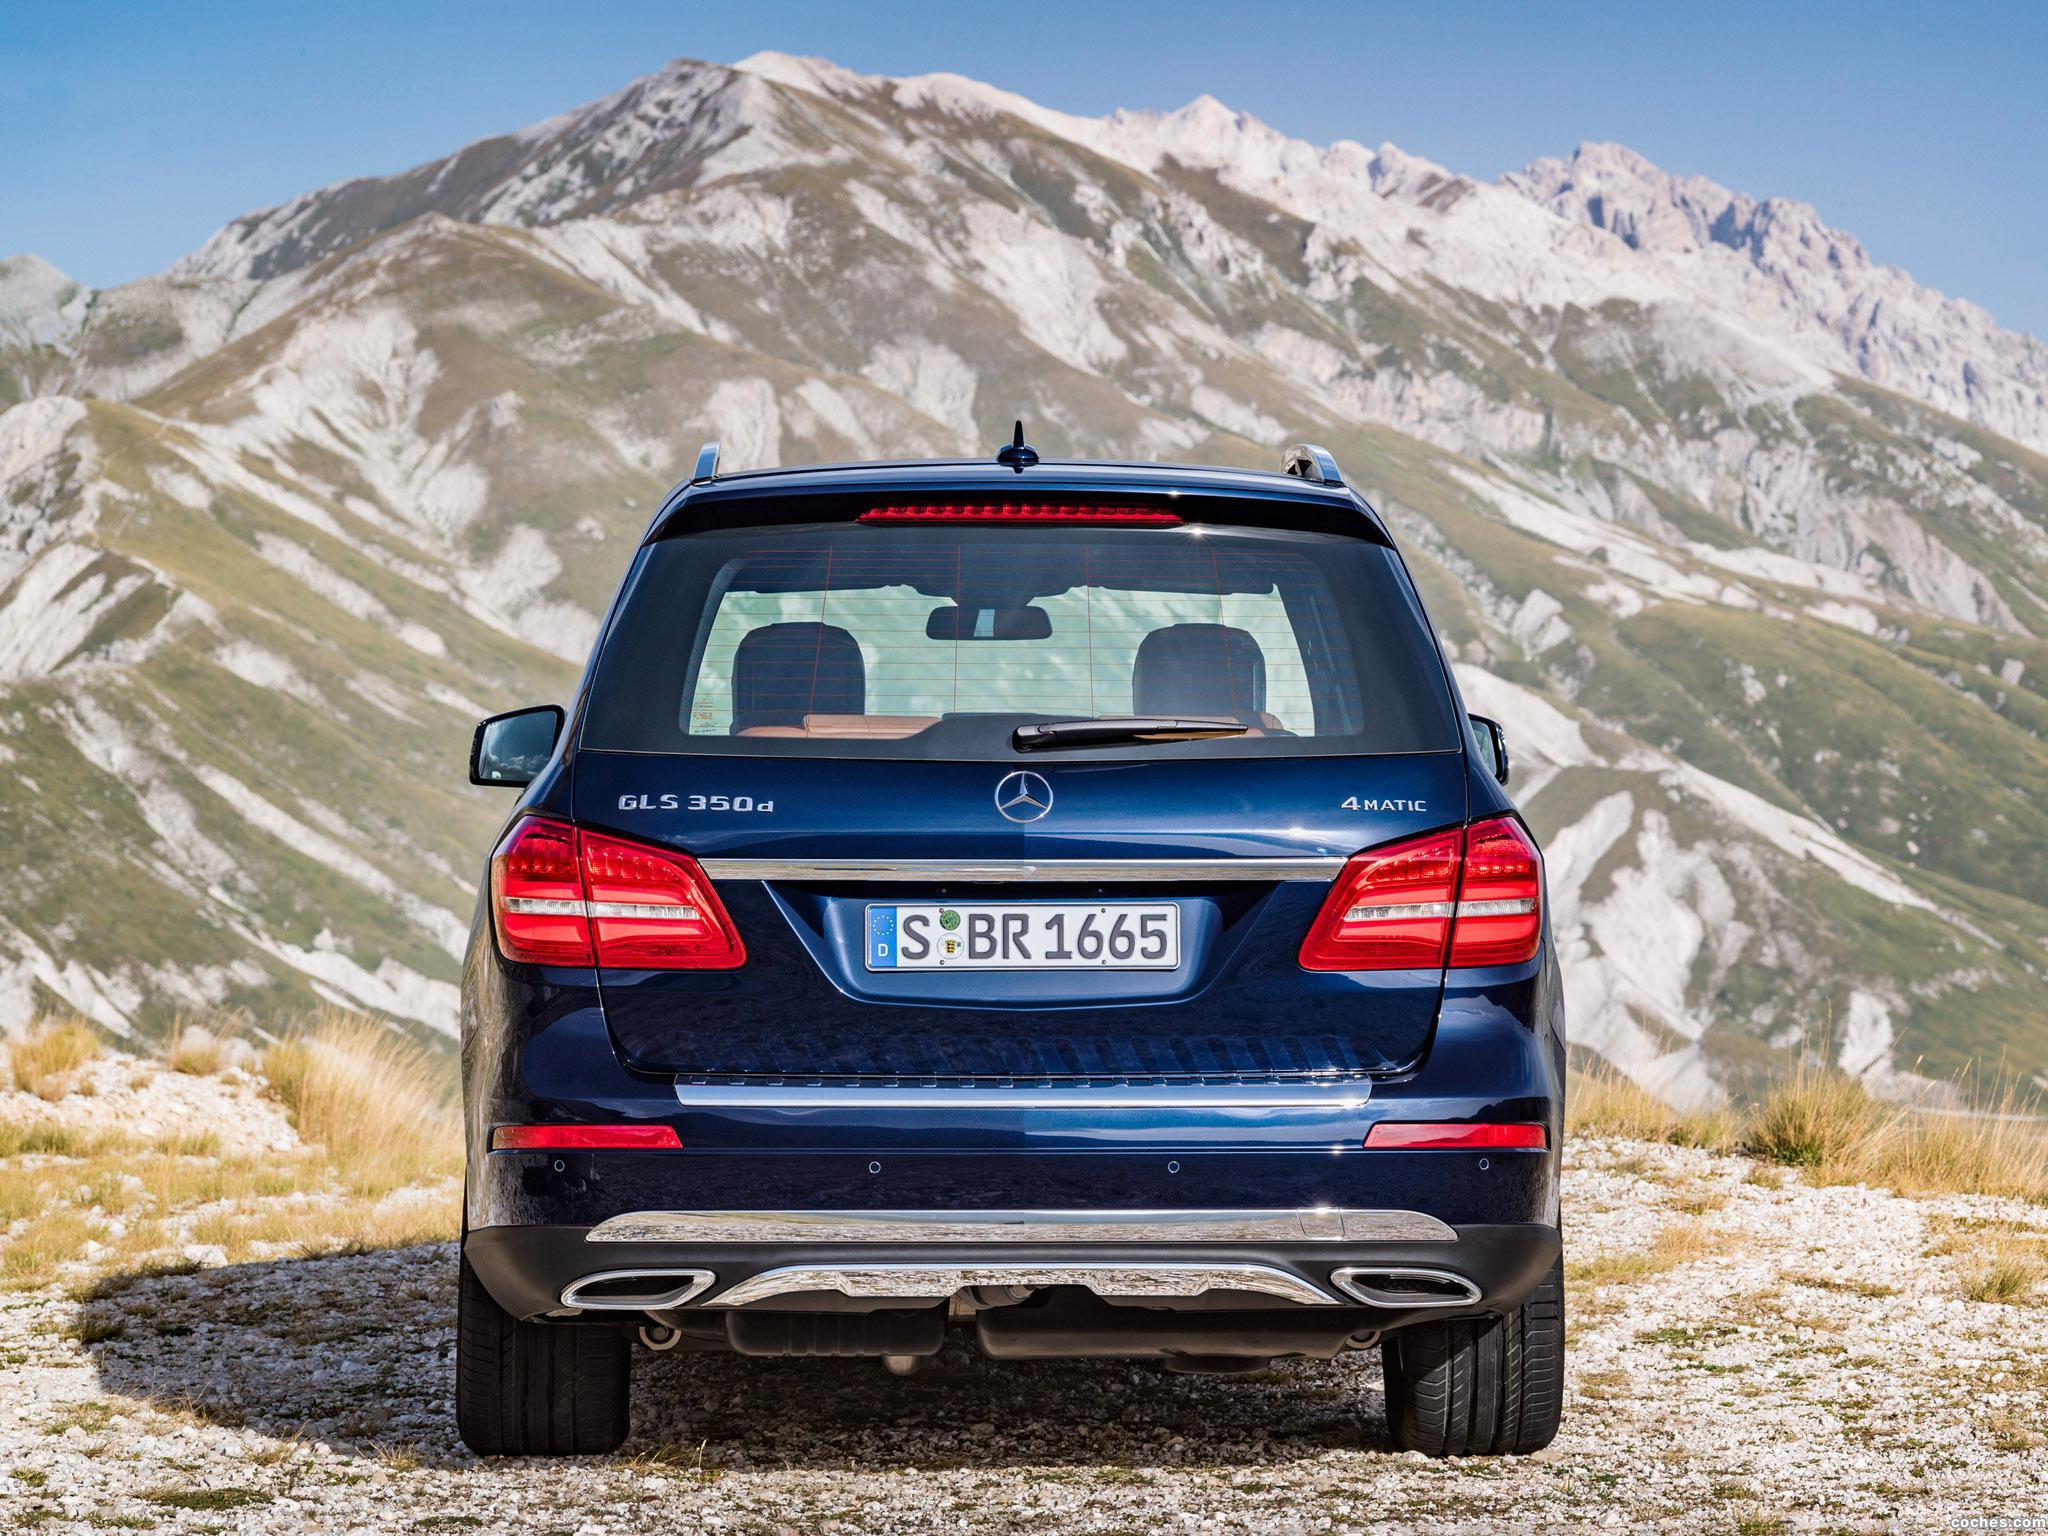 Foto 5 de Mercedes GLS 350 D 4MATIC X166 2015